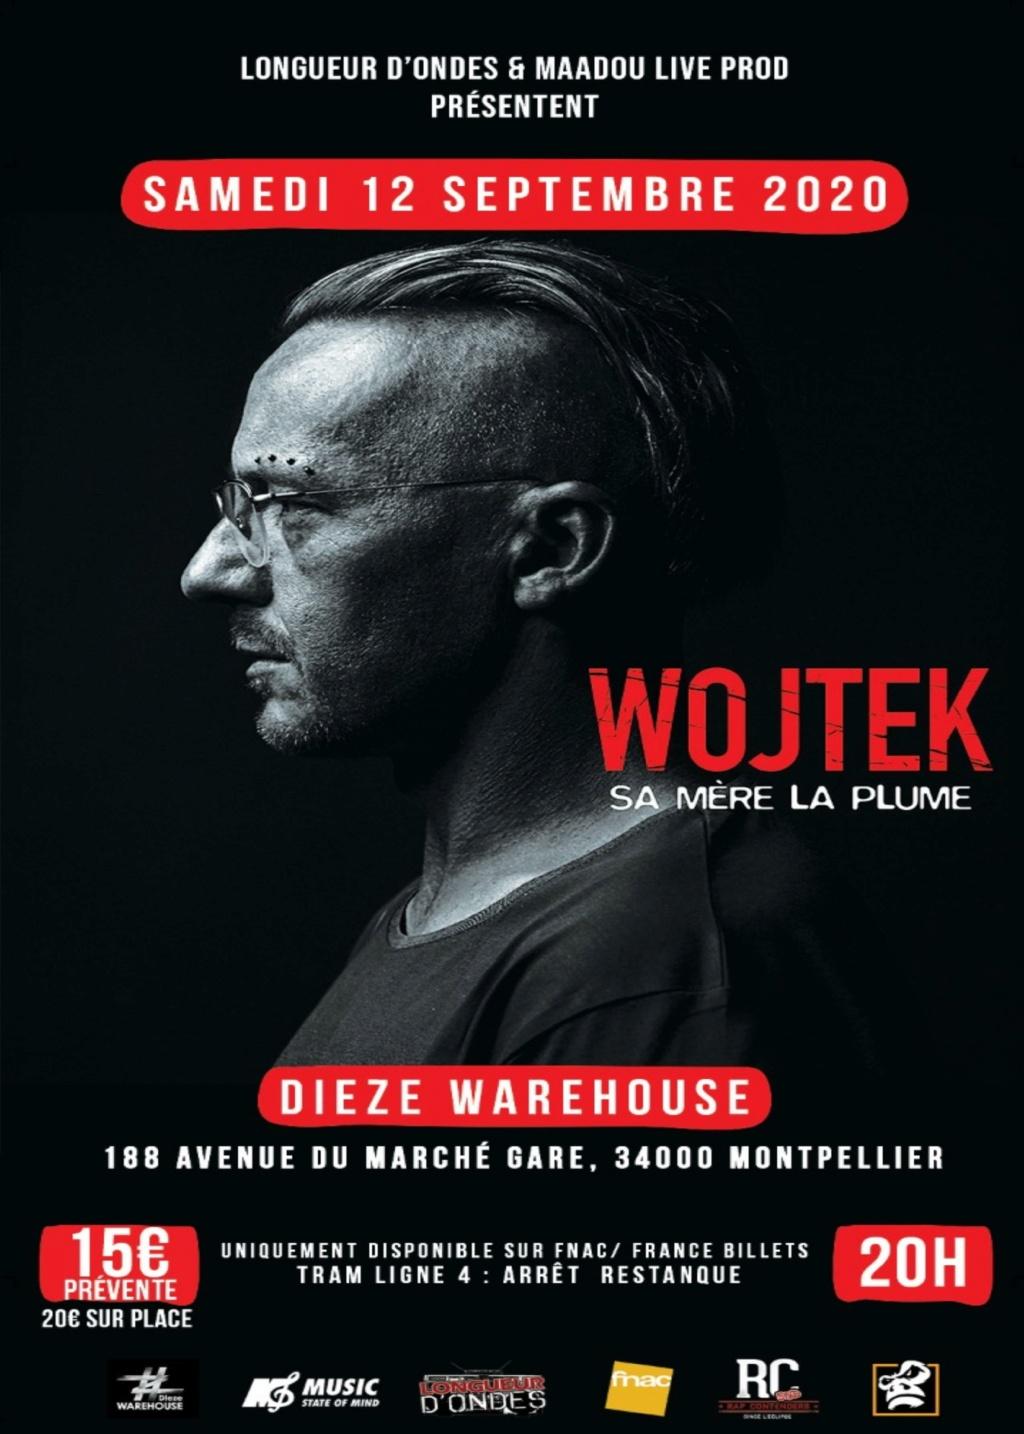 Wojteck, one-man show « Sa mère la plume » le 12 Septembre à Montpellier Visu_w10